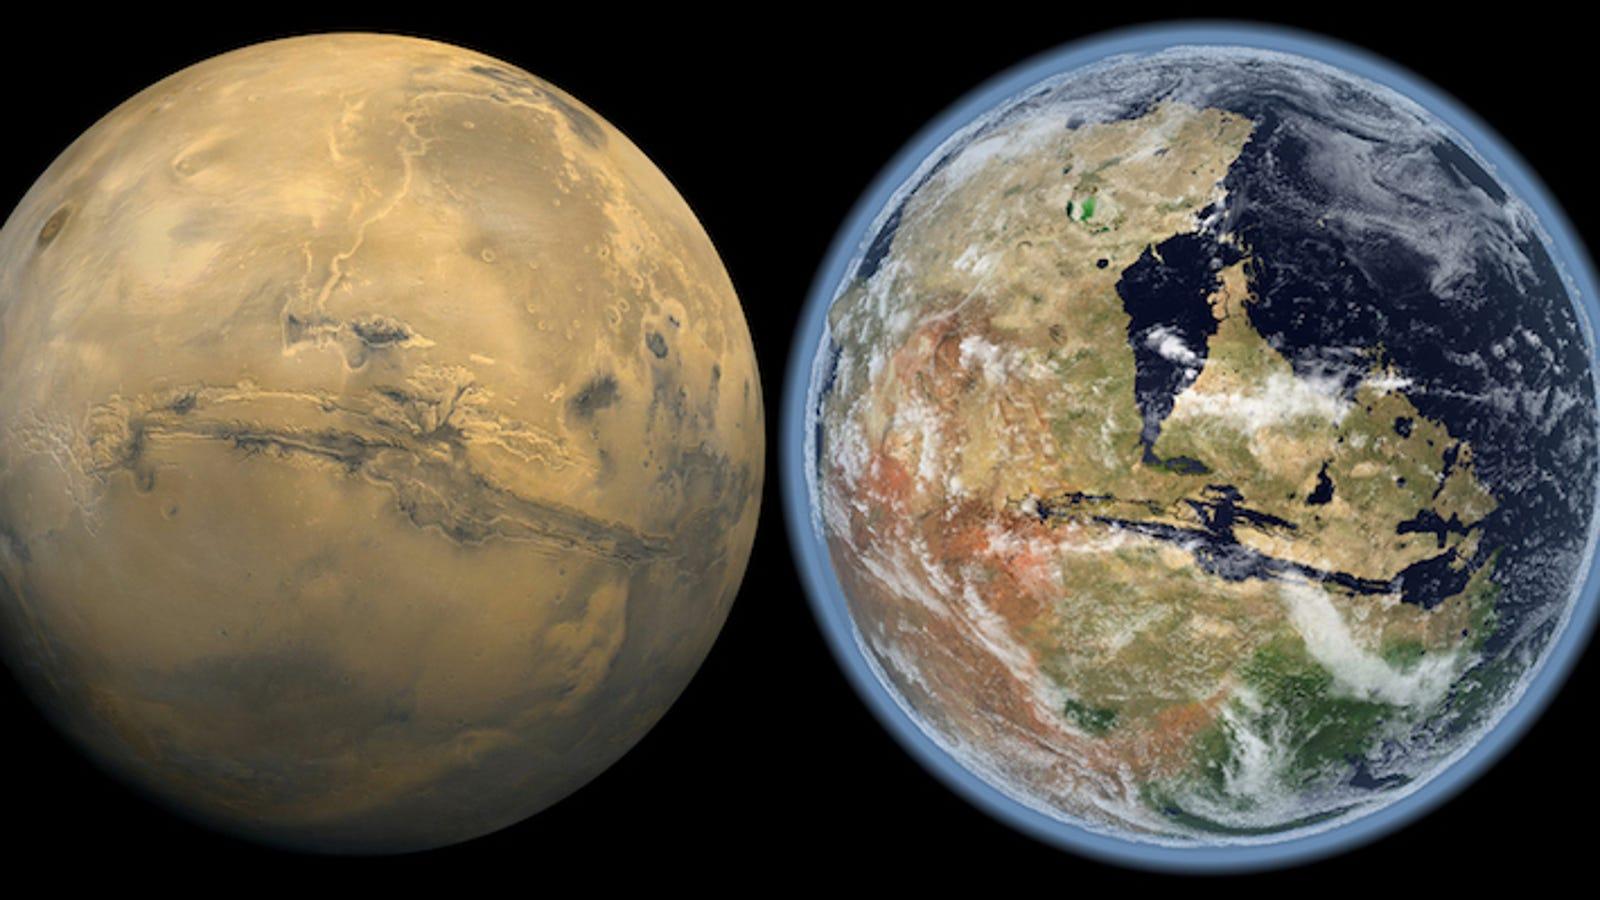 Fue el Sol: el viento solar hizo desaparecer la atmósfera de Marte, y con ella sus océanos